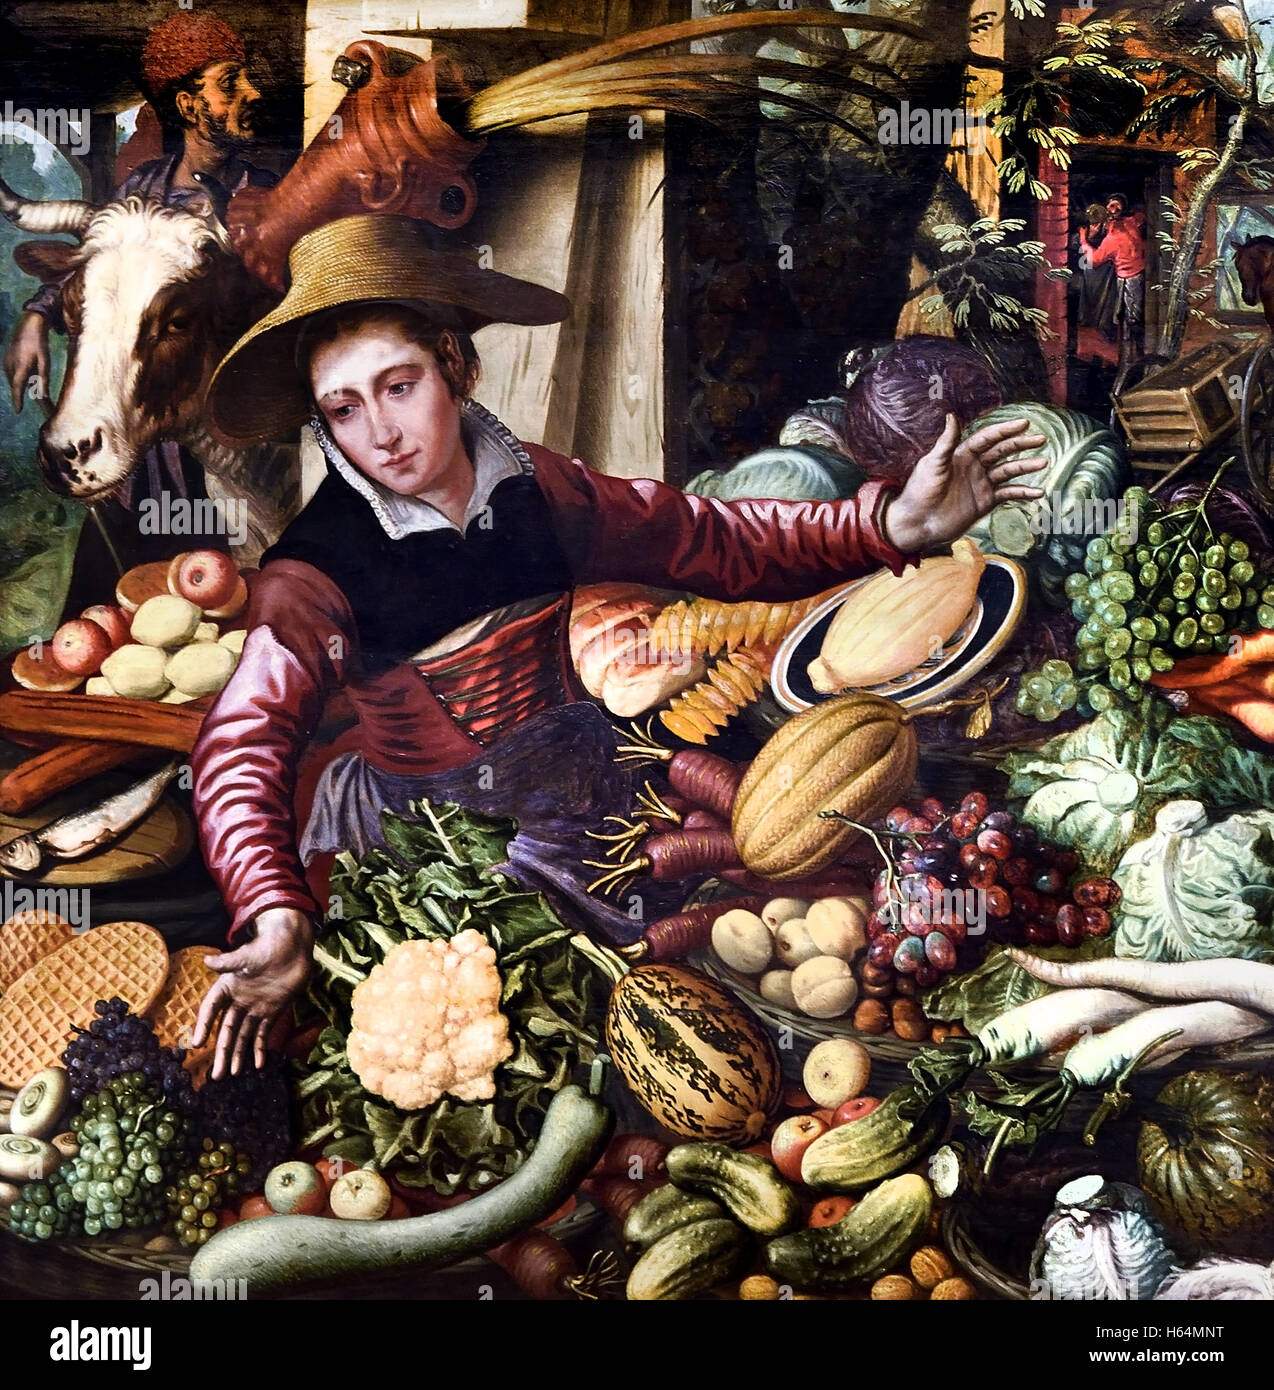 Marktfrau an Gemüse stehen 1567 Pieter Aertsen 1508-1575 Niederlande Niederlande Stockfoto